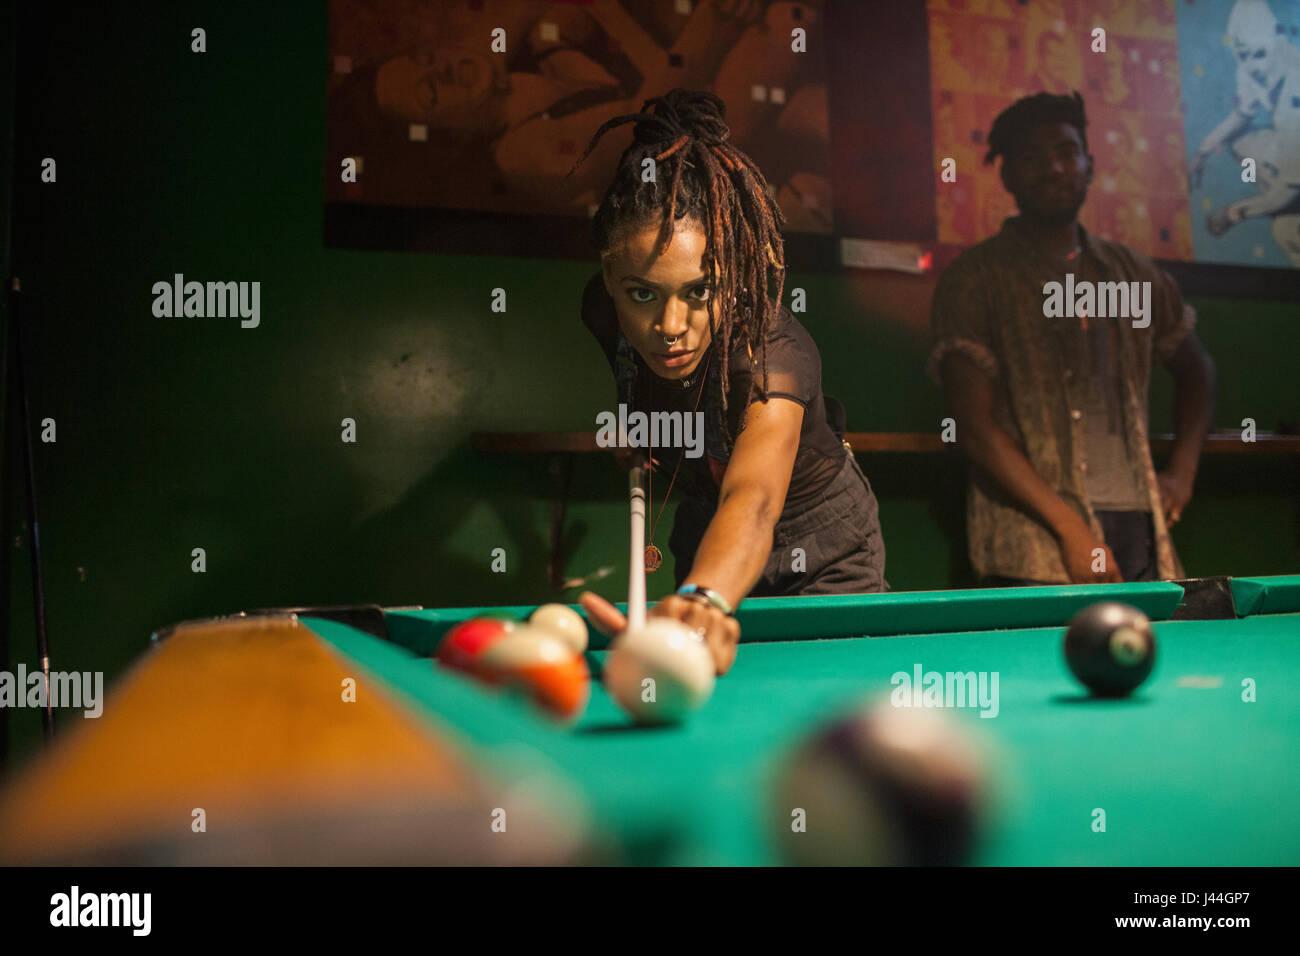 Una joven mujer jugando al billar. Imagen De Stock